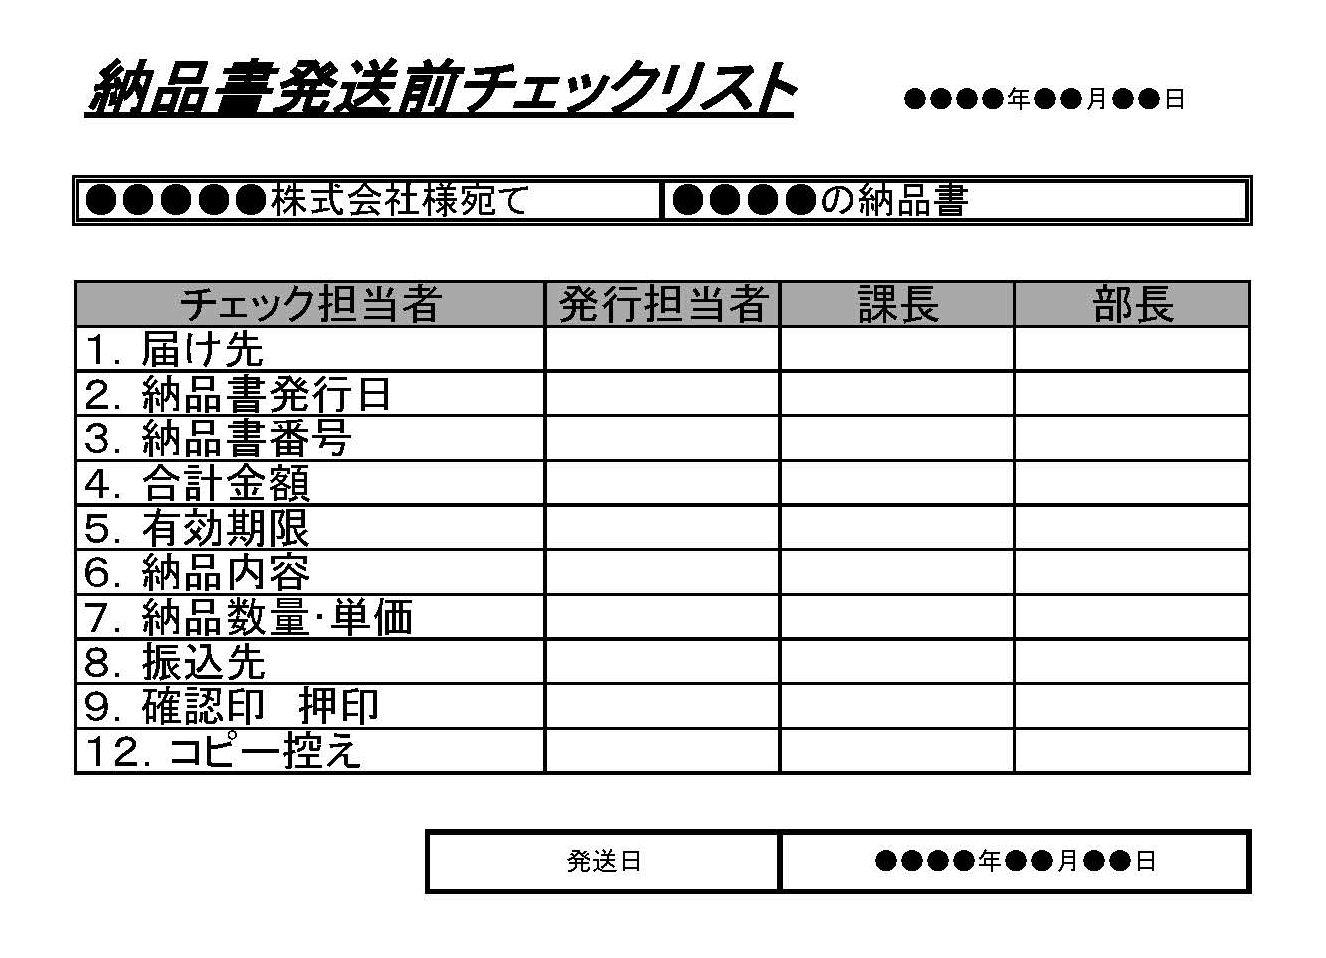 納品書発送前チェックリストのテンプレート書式